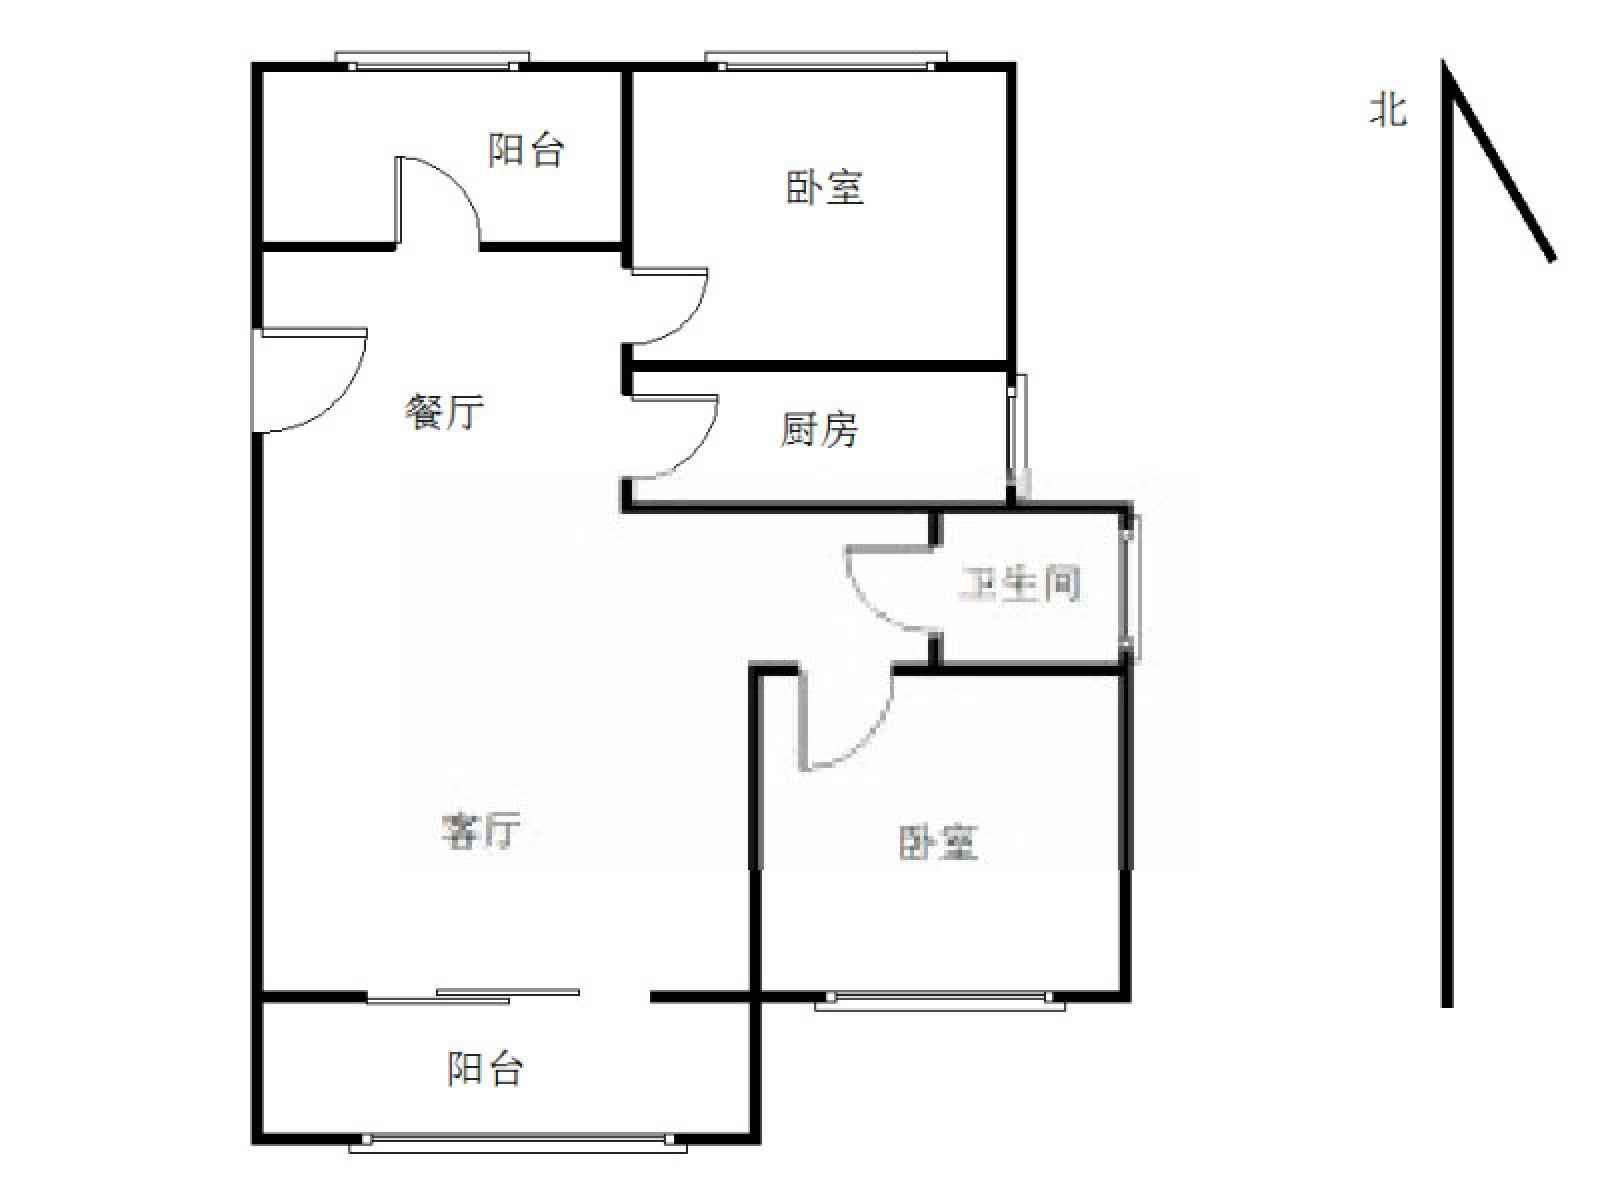 栖霞区仙林湖新城香悦澜山2室1厅户型图